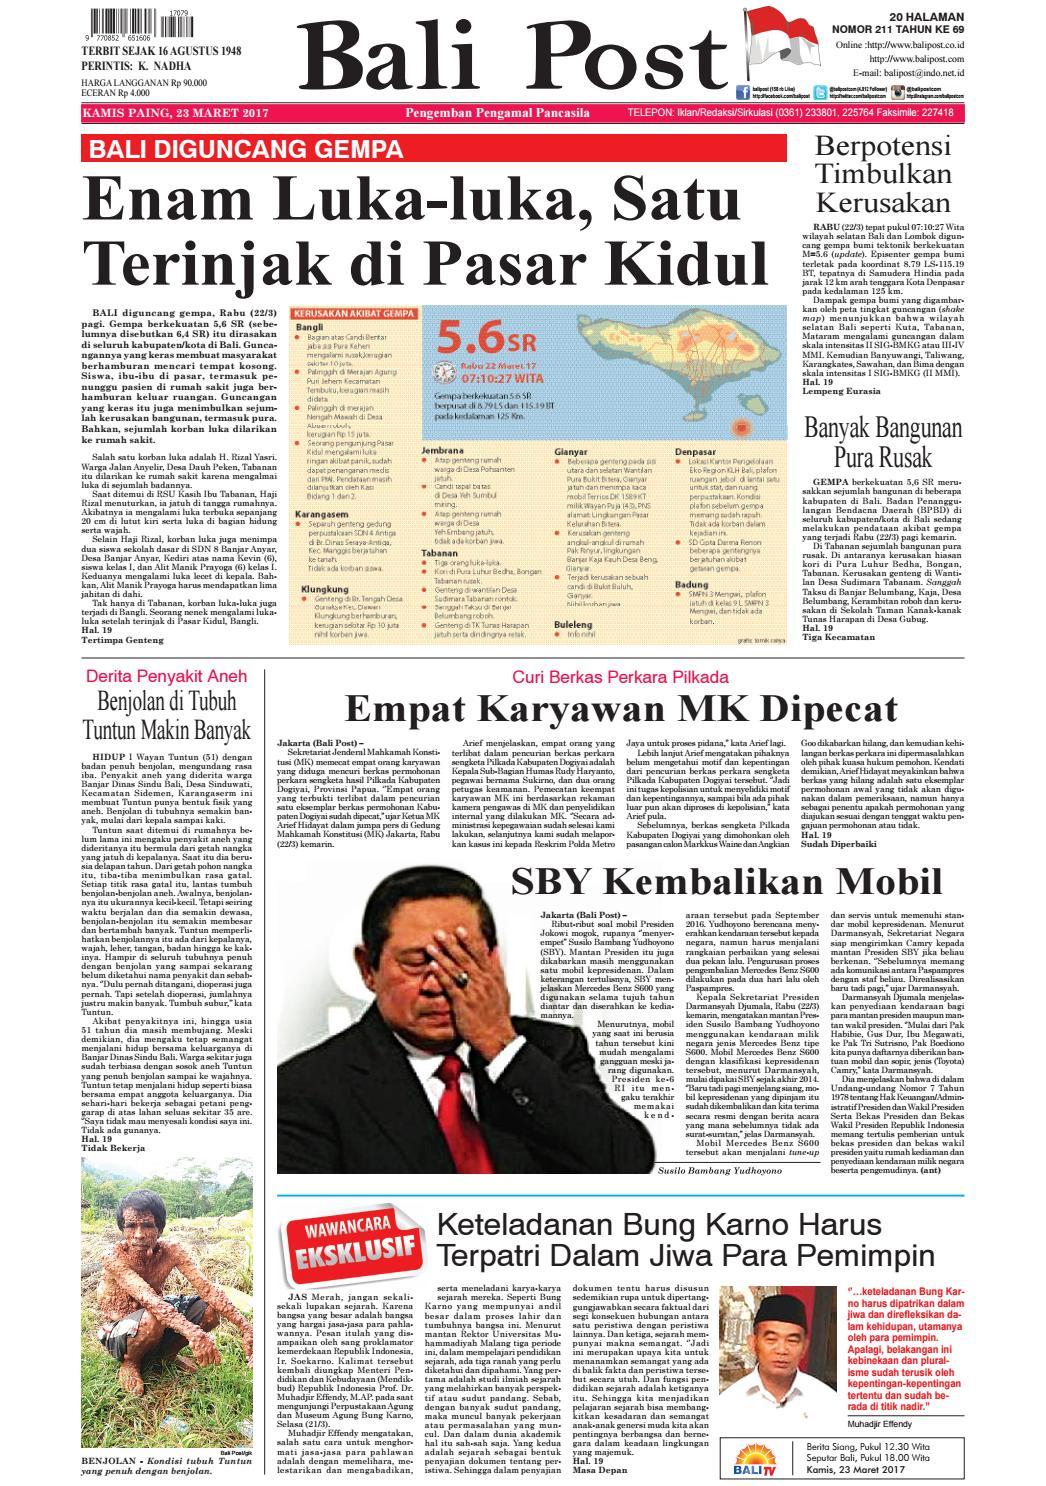 Edisi 23 Maret 2017 Balipostcom By E Paper Kmb Issuu Rumah Peduli Korban Gempa Khusus 15 Jiwa